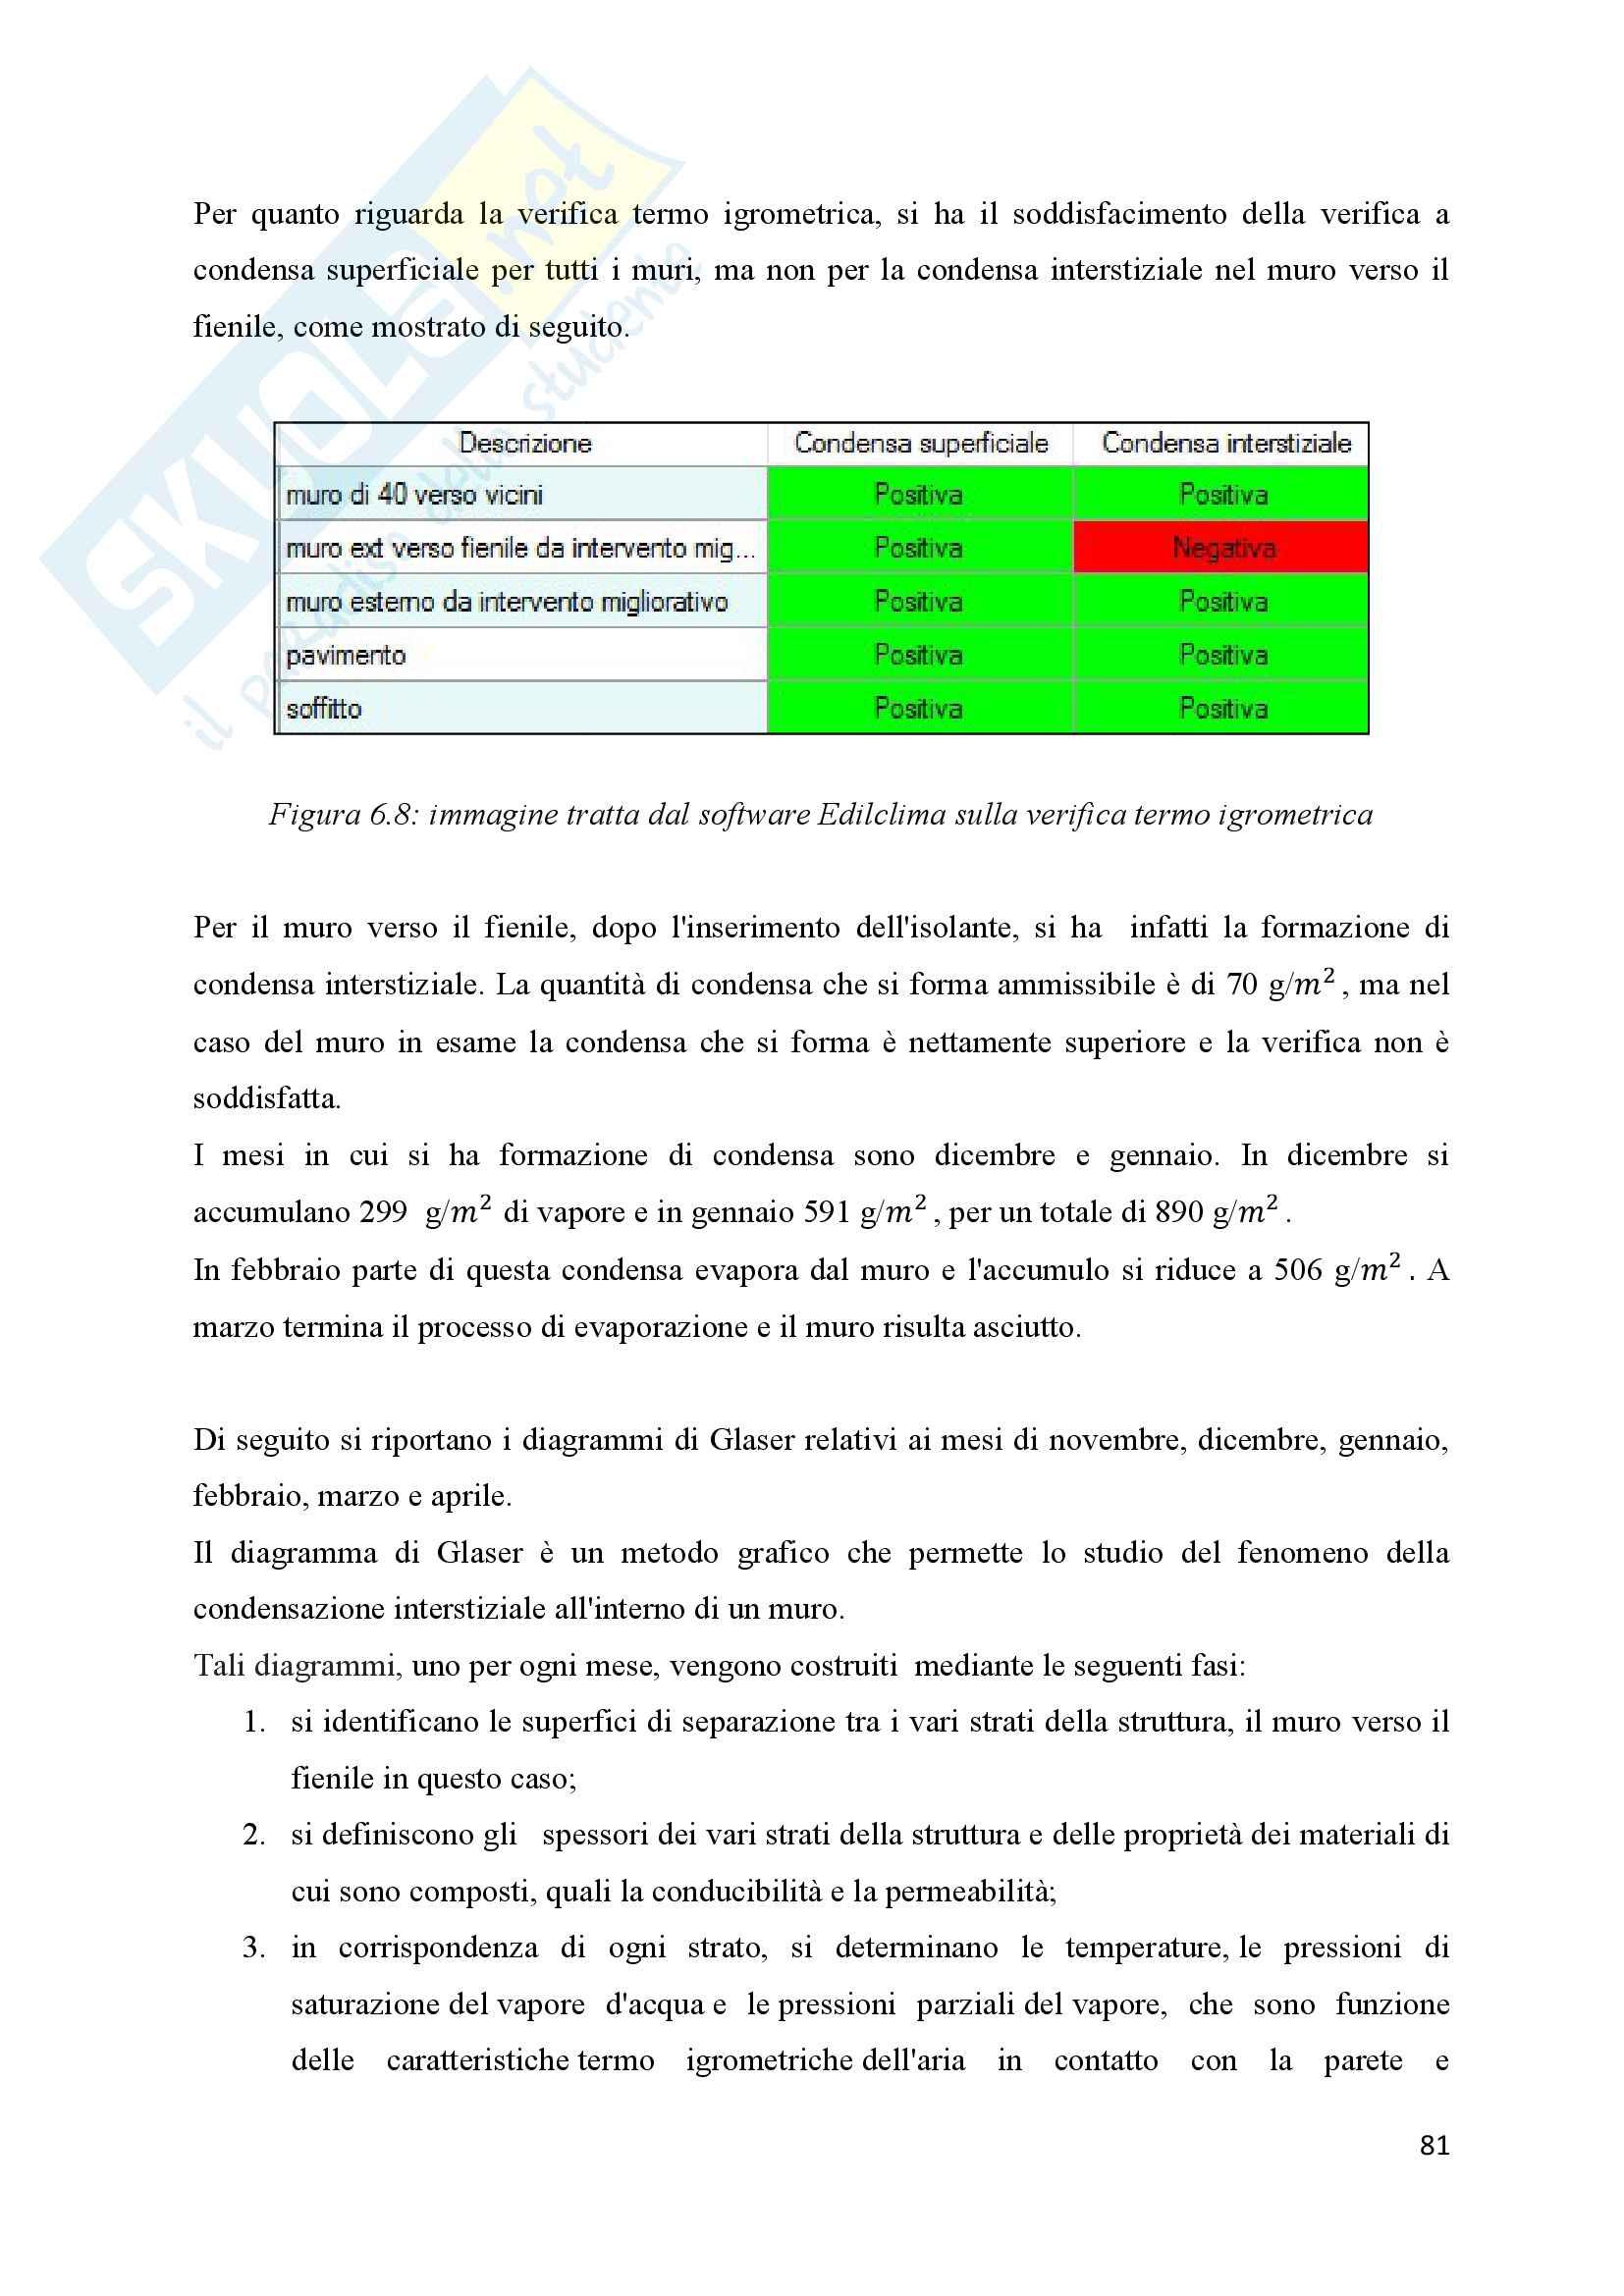 Scenari di riqualificazione energetica di un appartamento, Tesi Pag. 81